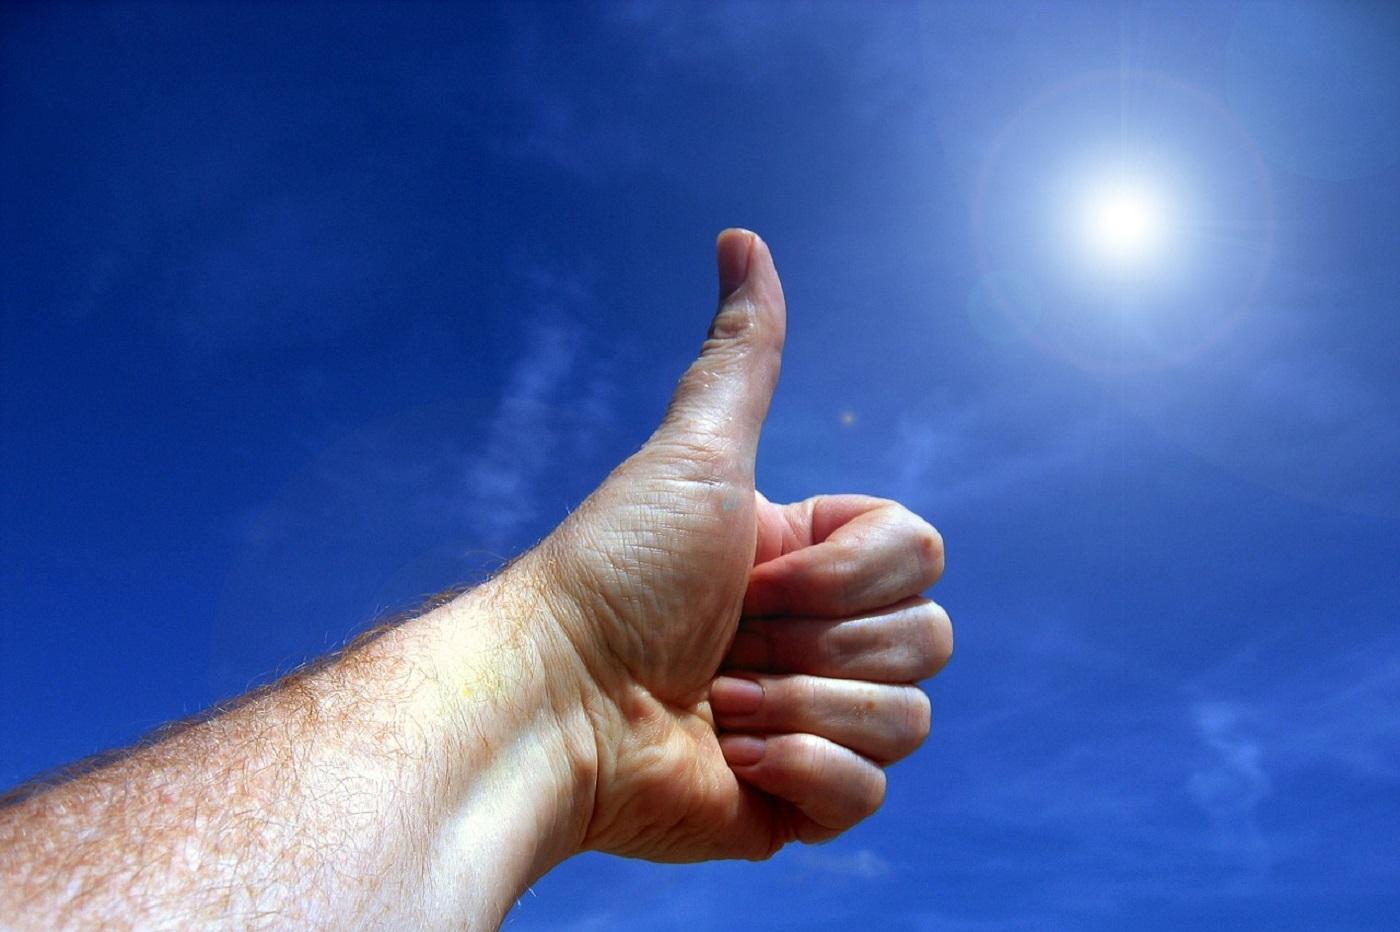 Un pouce, j'aime, soleil, ciel, main, corps